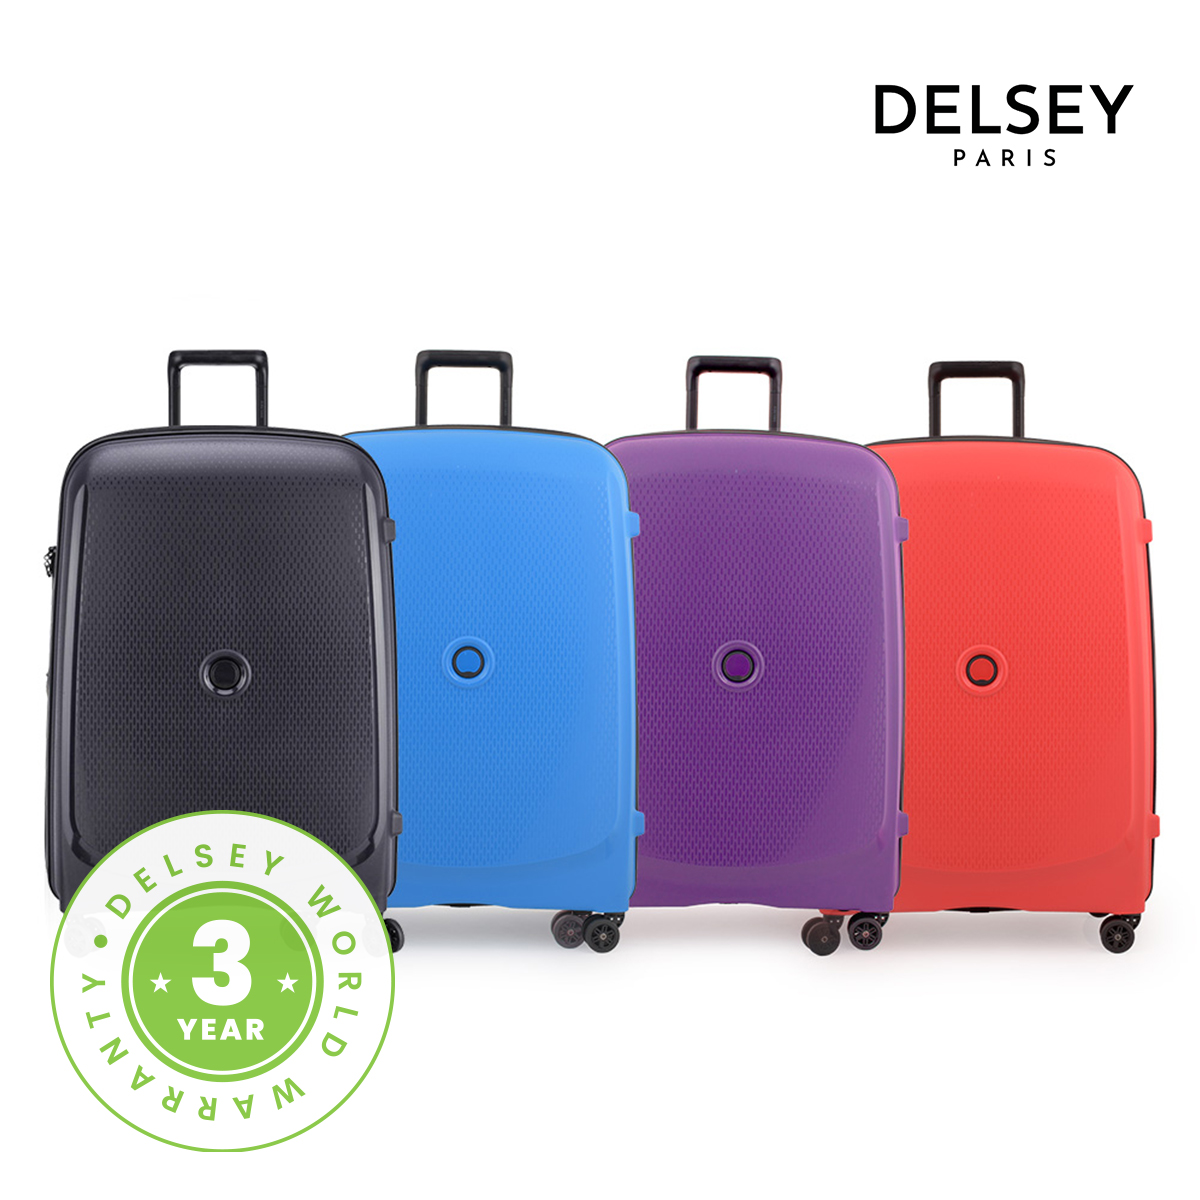 [델시]DELSEY - 벨몽트 플러스 76/28형 대형 여행용캐리어 하드캐리어